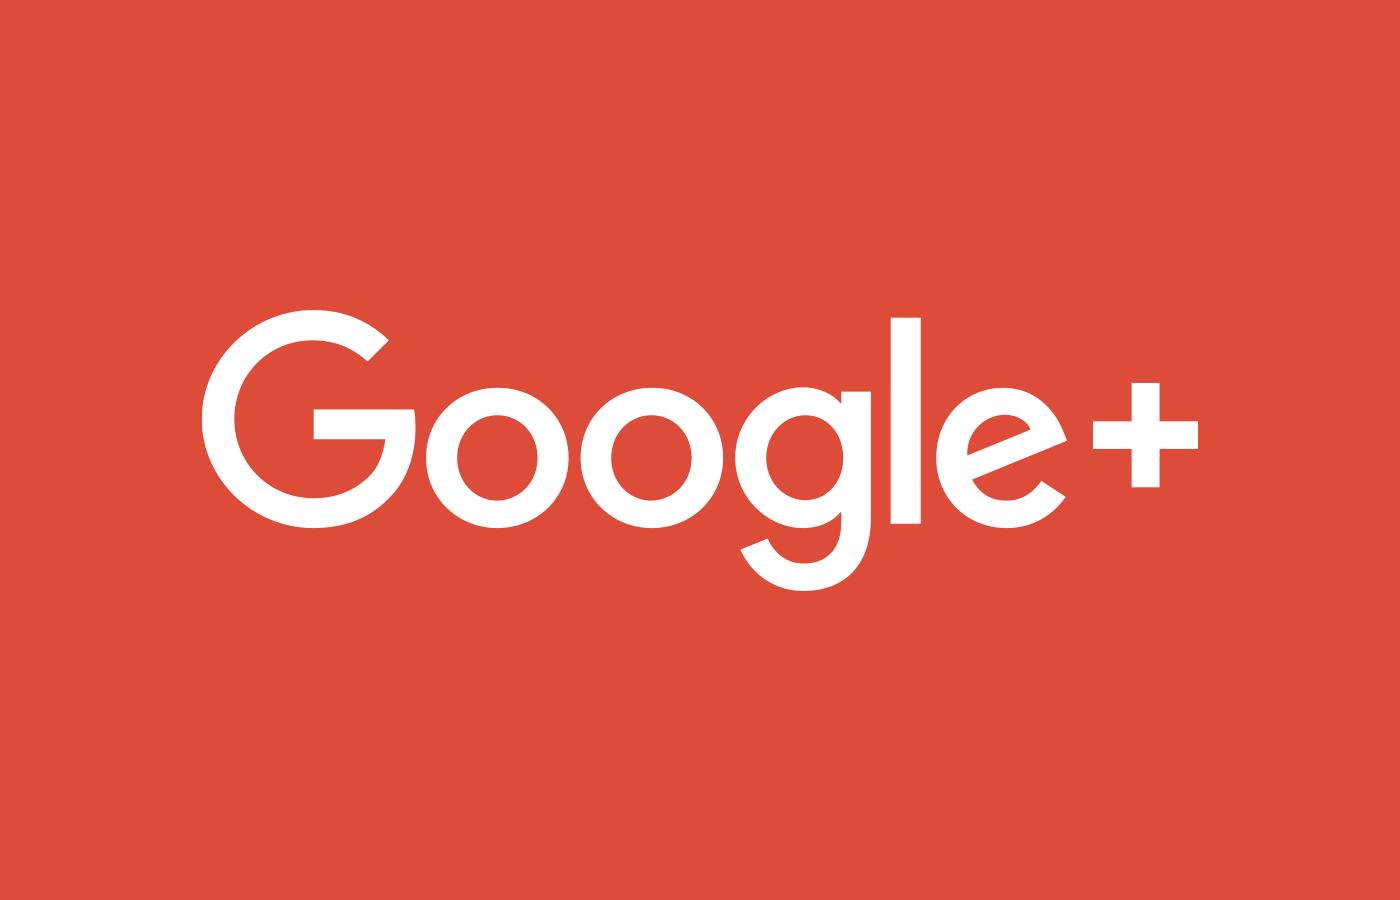 גוגל פלוס - השירות יסגר - טכנולוגיה - מדע פלוס